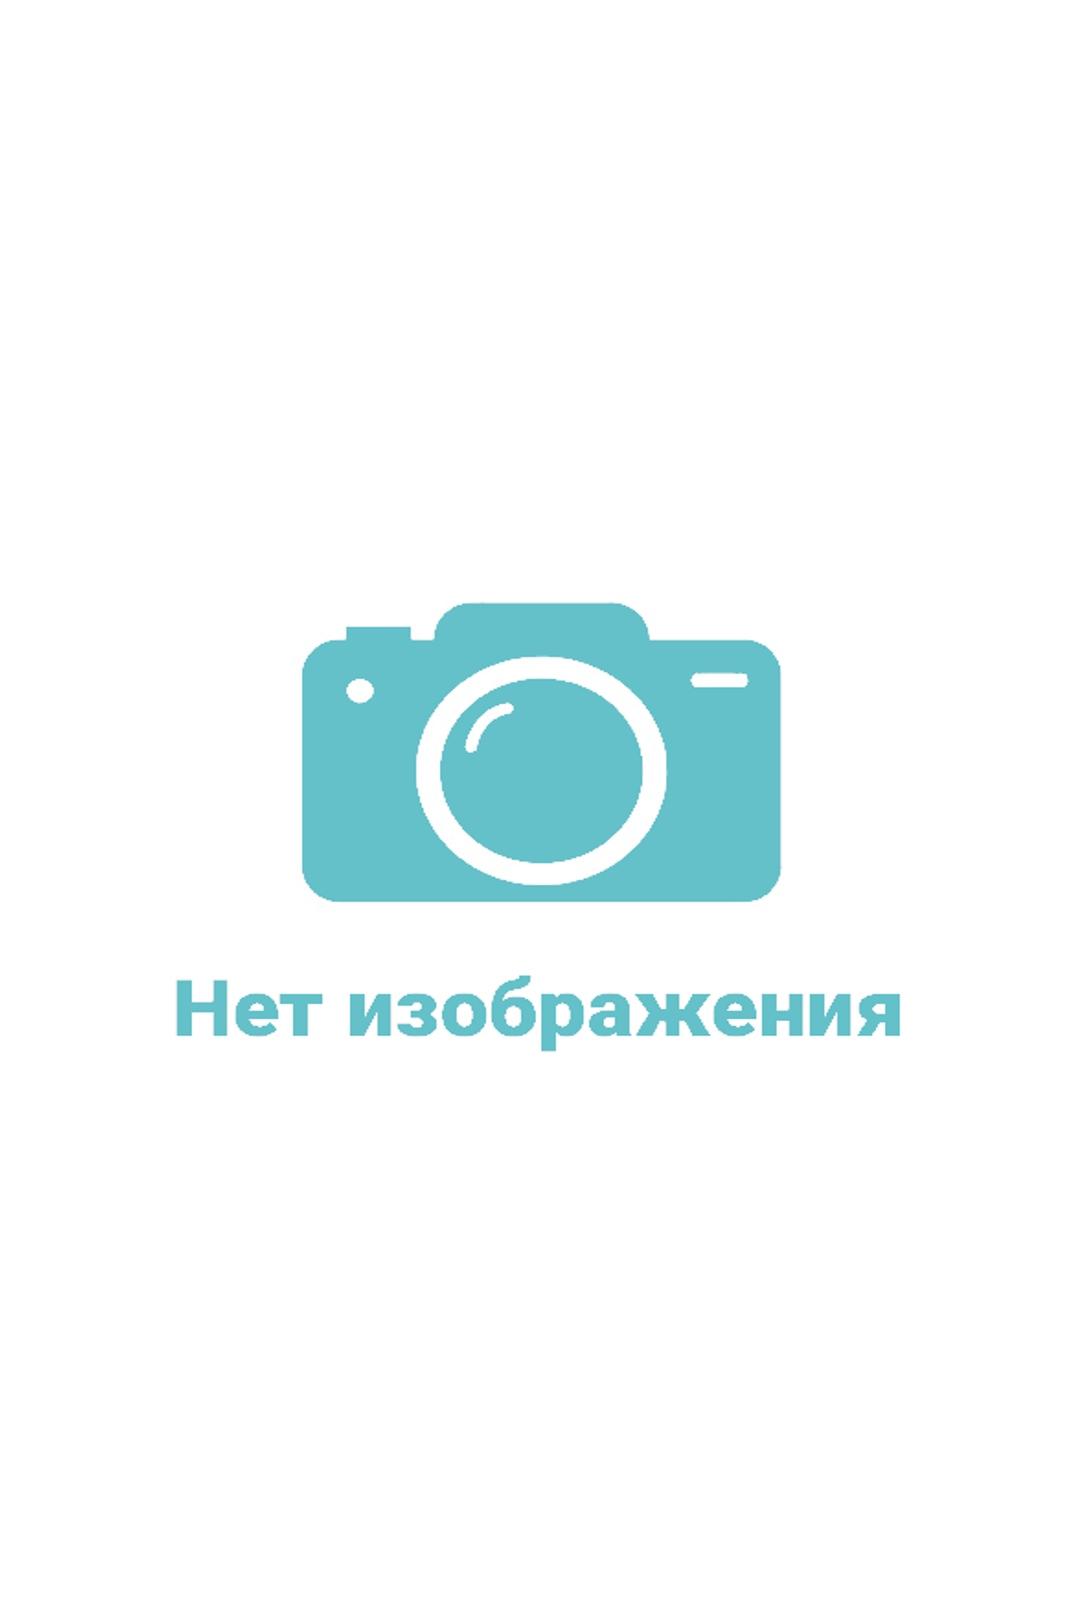 Врач акушер-гинеколог, врач УЗИ,  оперирующий гинеколог Батухтина Ольга Ивановна